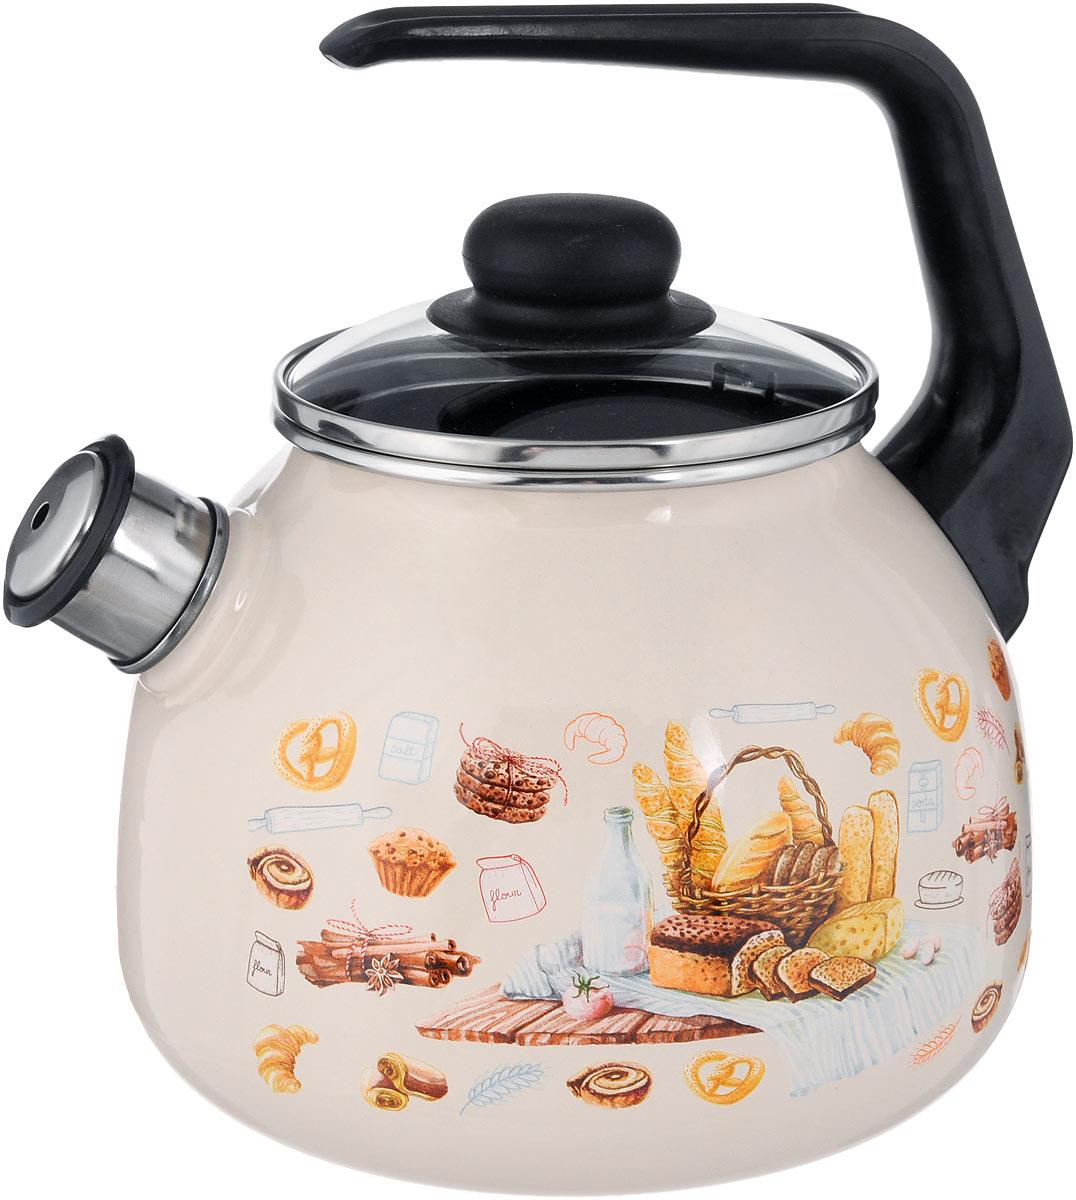 Чайник эмалированный СтальЭмаль Хлеб, со свистком, 3 л115510Чайник СтальЭмаль Хлеб выполнен из высококачественного стального проката, покрытого двумя слоями жаропрочной эмали. Такое покрытие защищает сталь от коррозии, придает посуде гладкую стекловидную поверхность и надежно защищает от кислот и щелочей. Носик чайника оснащен свистком, звуковой сигнал которого подскажет, когда закипит вода. Чайник оснащен фиксированной ручкой из пластика и стеклянной крышкой, которая плотно прилегает к краю благодаря особой конструкции. Внешние стенки декорированы красочным изображением различных хлебобулочных изделий. Эстетичный и функциональный чайник будет оригинально смотреться в любом интерьере. Подходит для всех типов плит, включая индукционные. Можно мыть в посудомоечной машине. Диаметр (по верхнему краю): 12,5 см.Высота чайника (с учетом ручки): 24 см.Высота чайника (без учета ручки и крышки): 15 см.